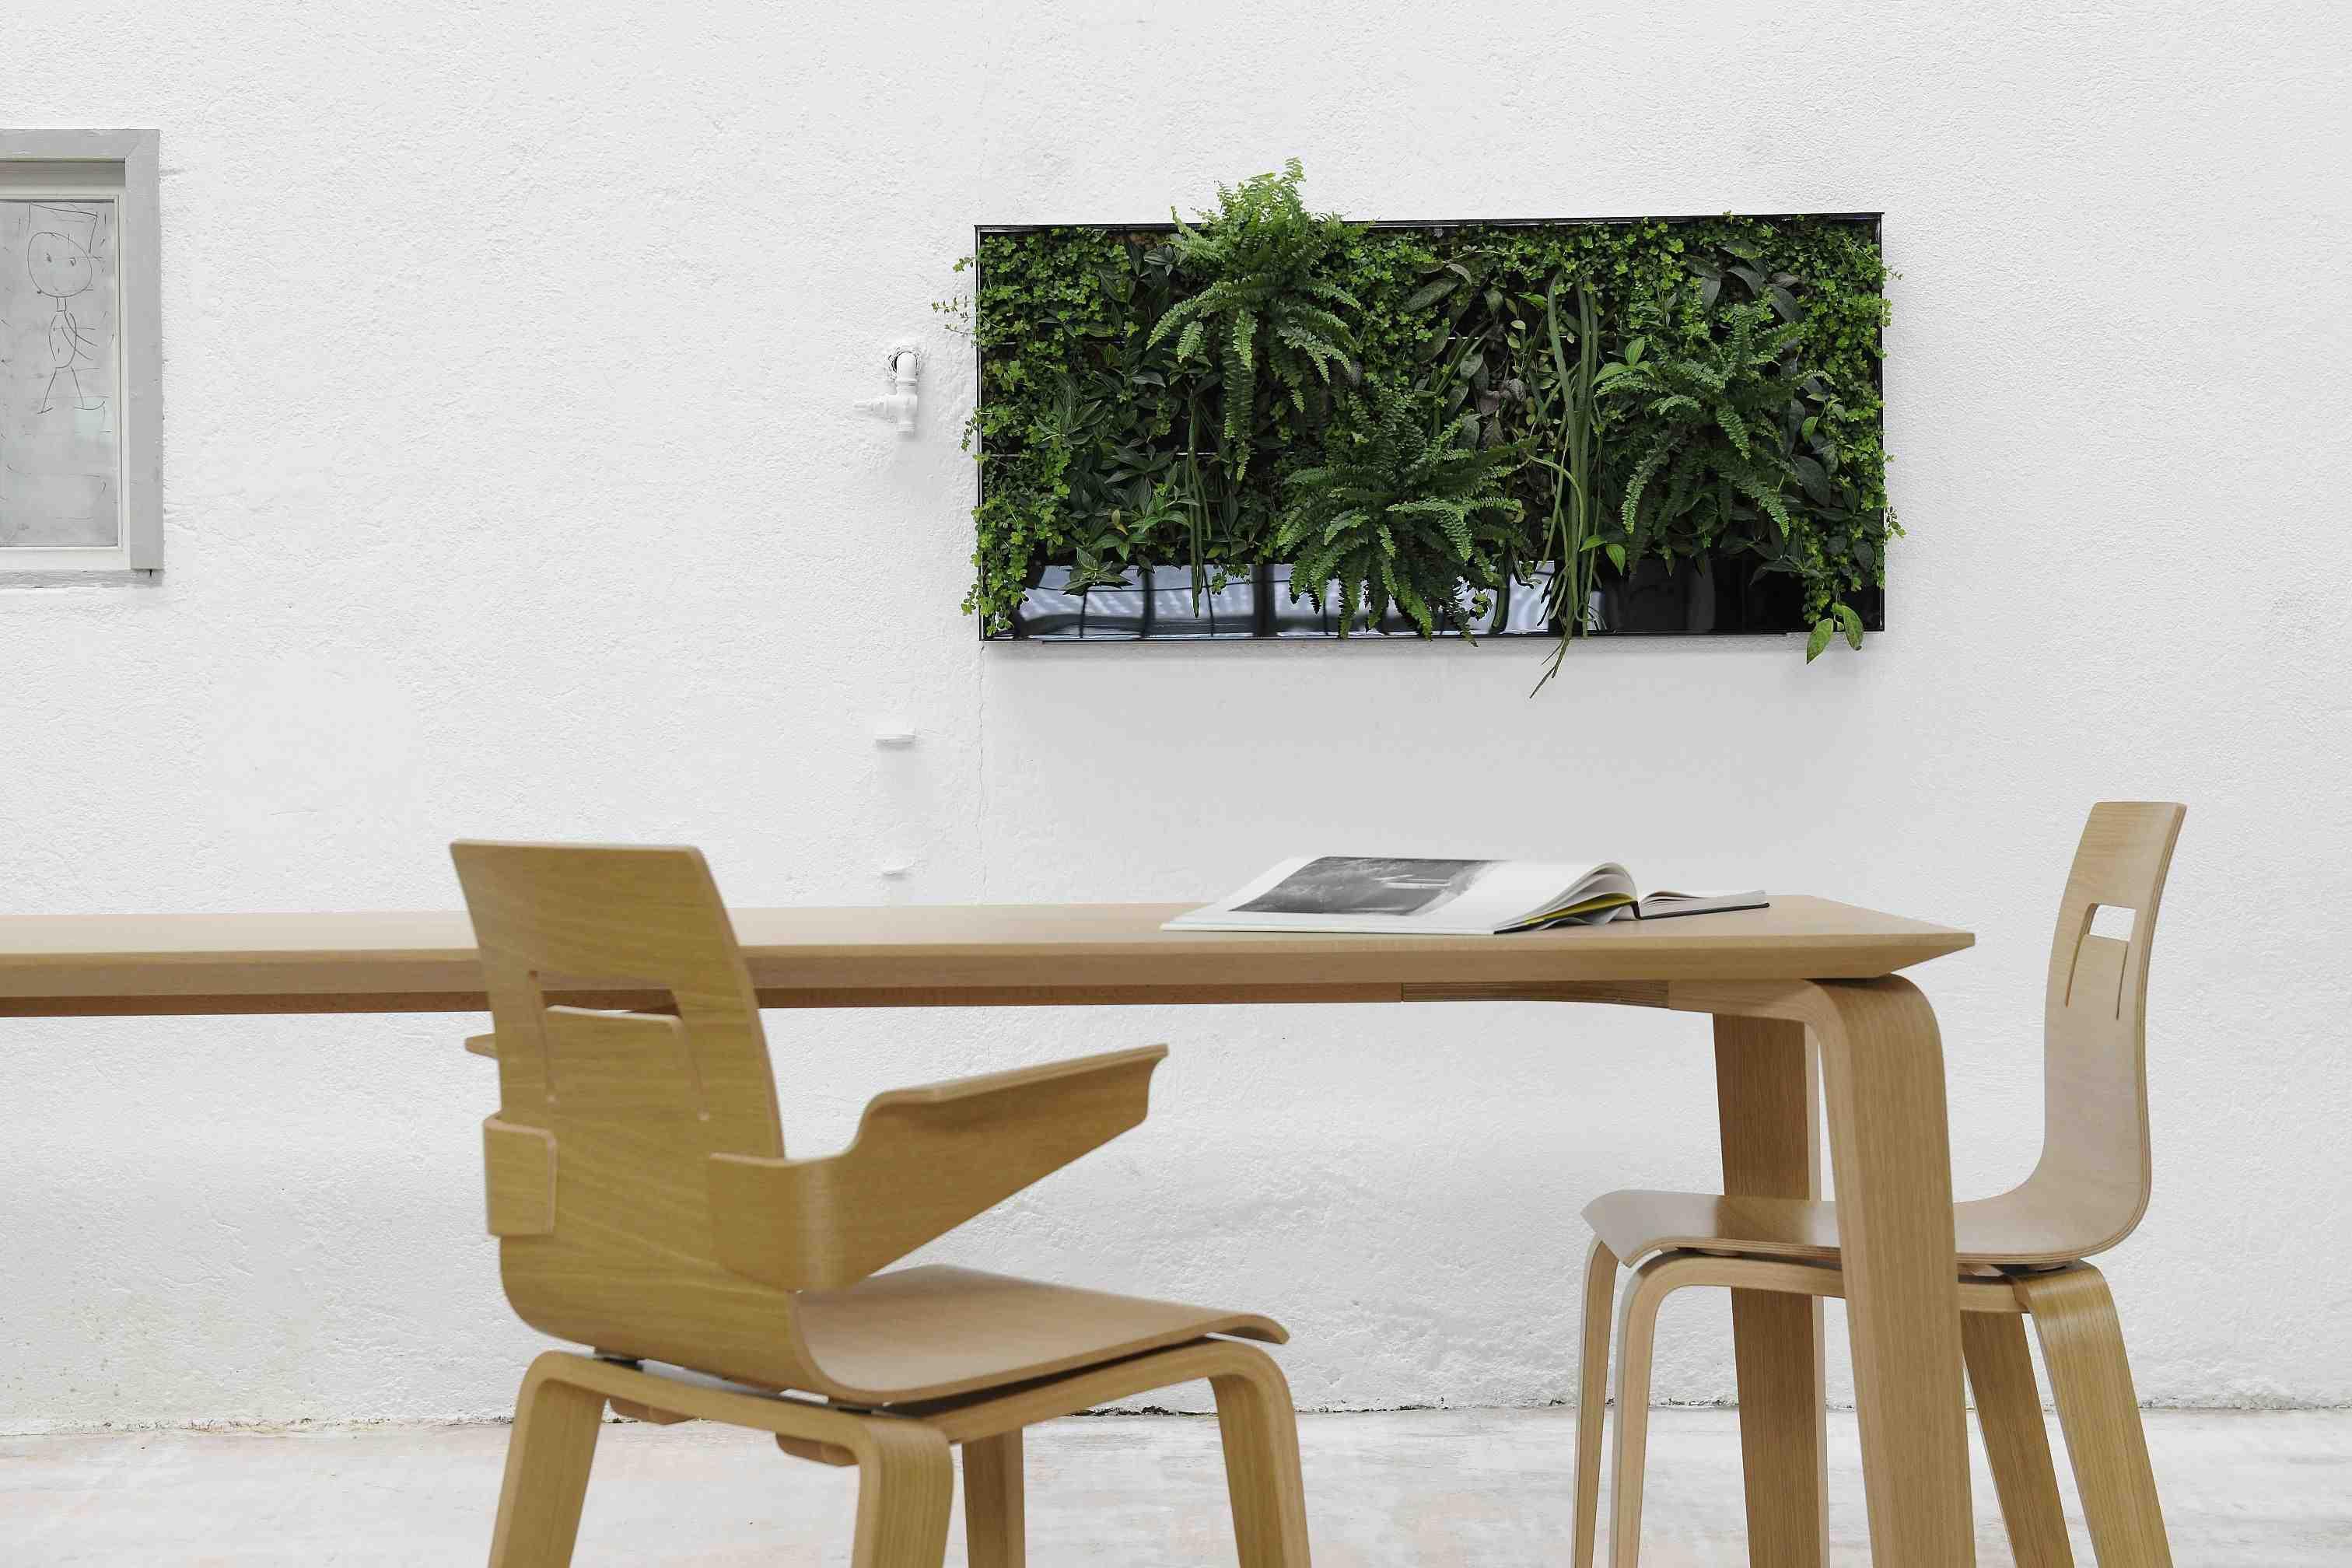 hochparterre design das vertikale gartenbeet. Black Bedroom Furniture Sets. Home Design Ideas